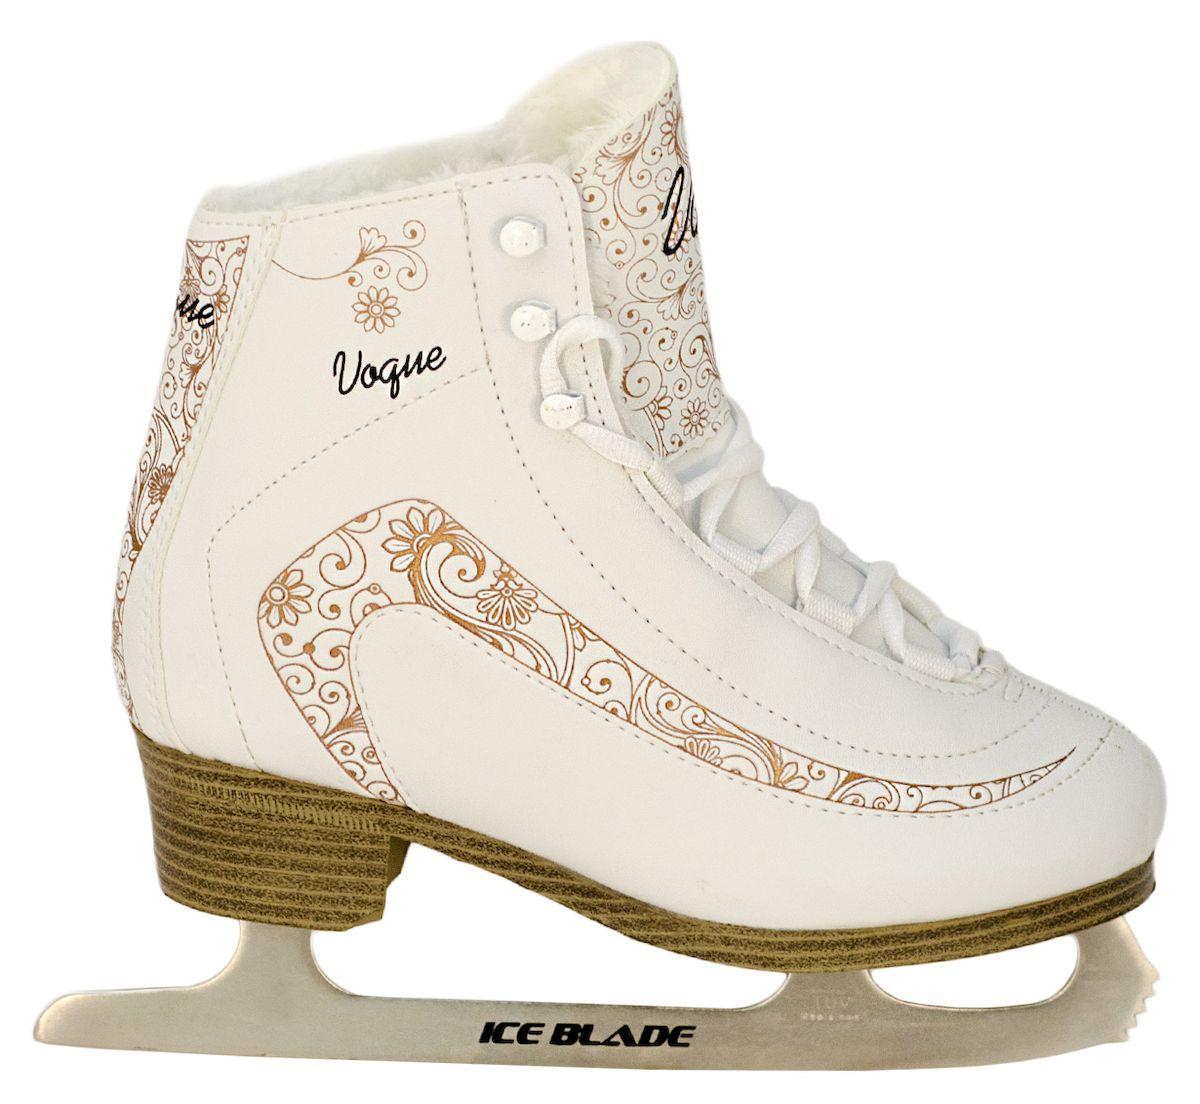 Коньки фигурные Ice Blade Vogue, цвет: белый, золотой. УТ-00006871. Размер 33